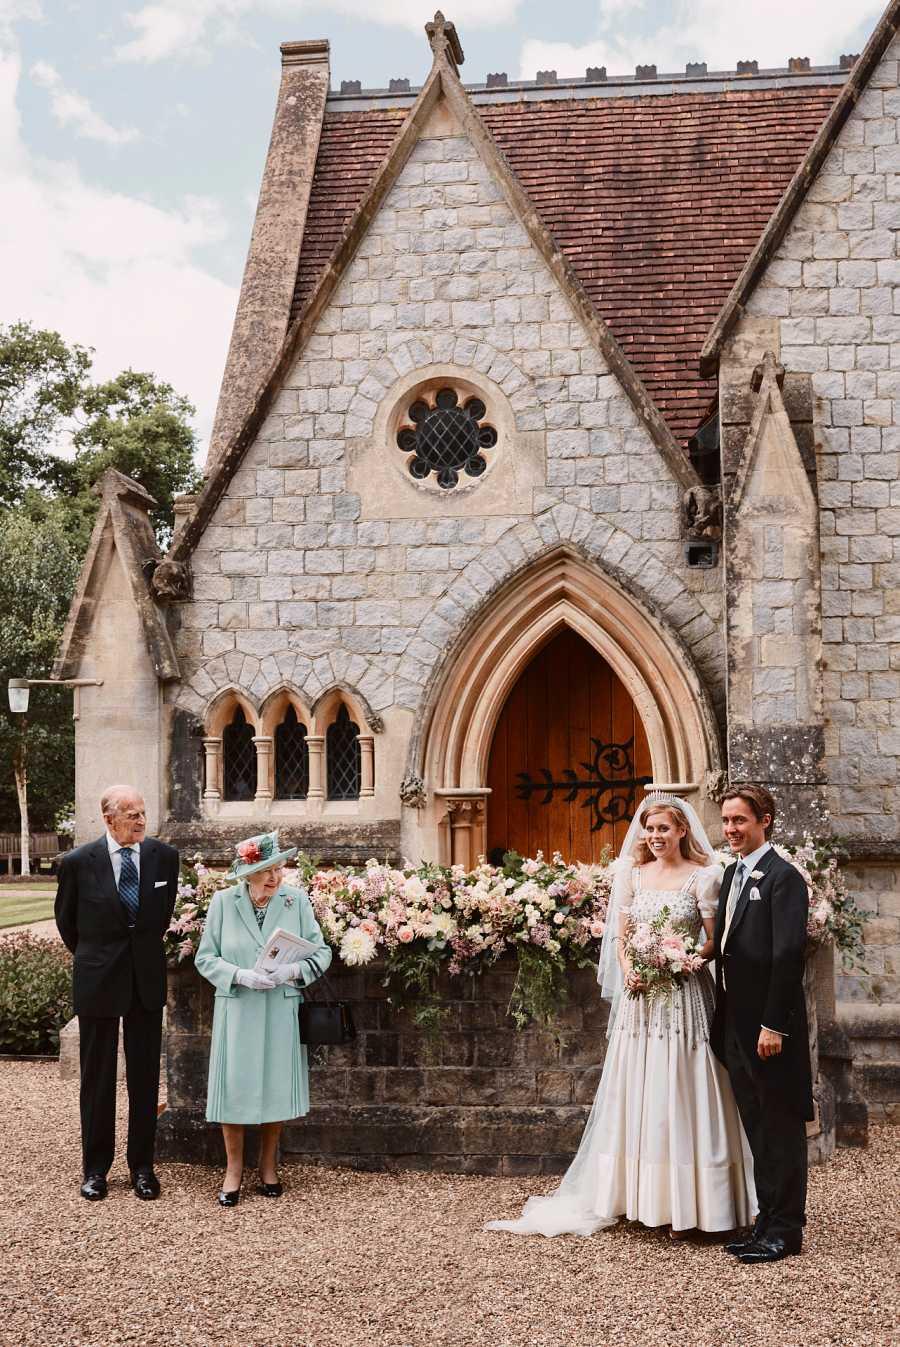 Beatriz de York y Edoardo Mapelli posan cerca de Isabel II y su marido el Duque de edimburgo tras su boda secreta. Lo hacen respetando la distancia social necesaria en medio de las medidas anti coronavirus